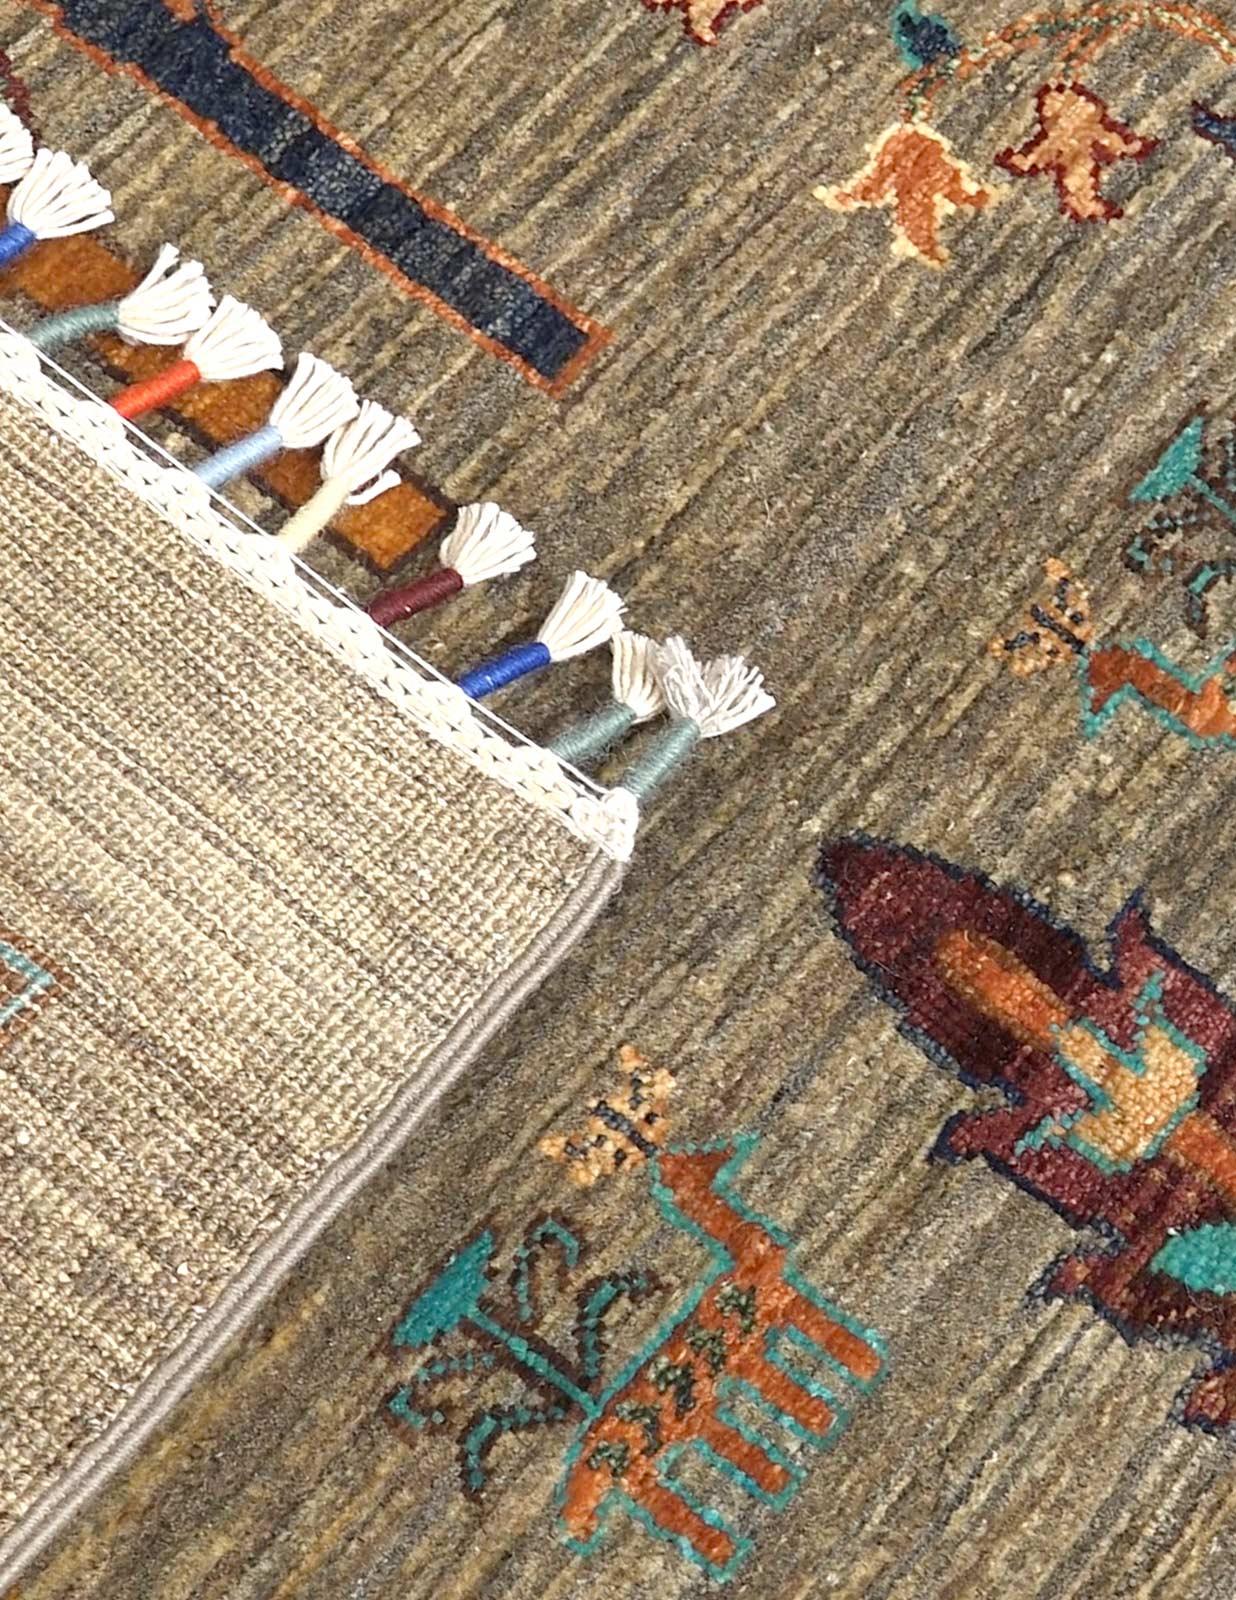 arbor-ars-kashkuli-tapijt-oosterse-perzische-tapijten-luxe-exclusieve-vloerkleden-koreman-maastricht